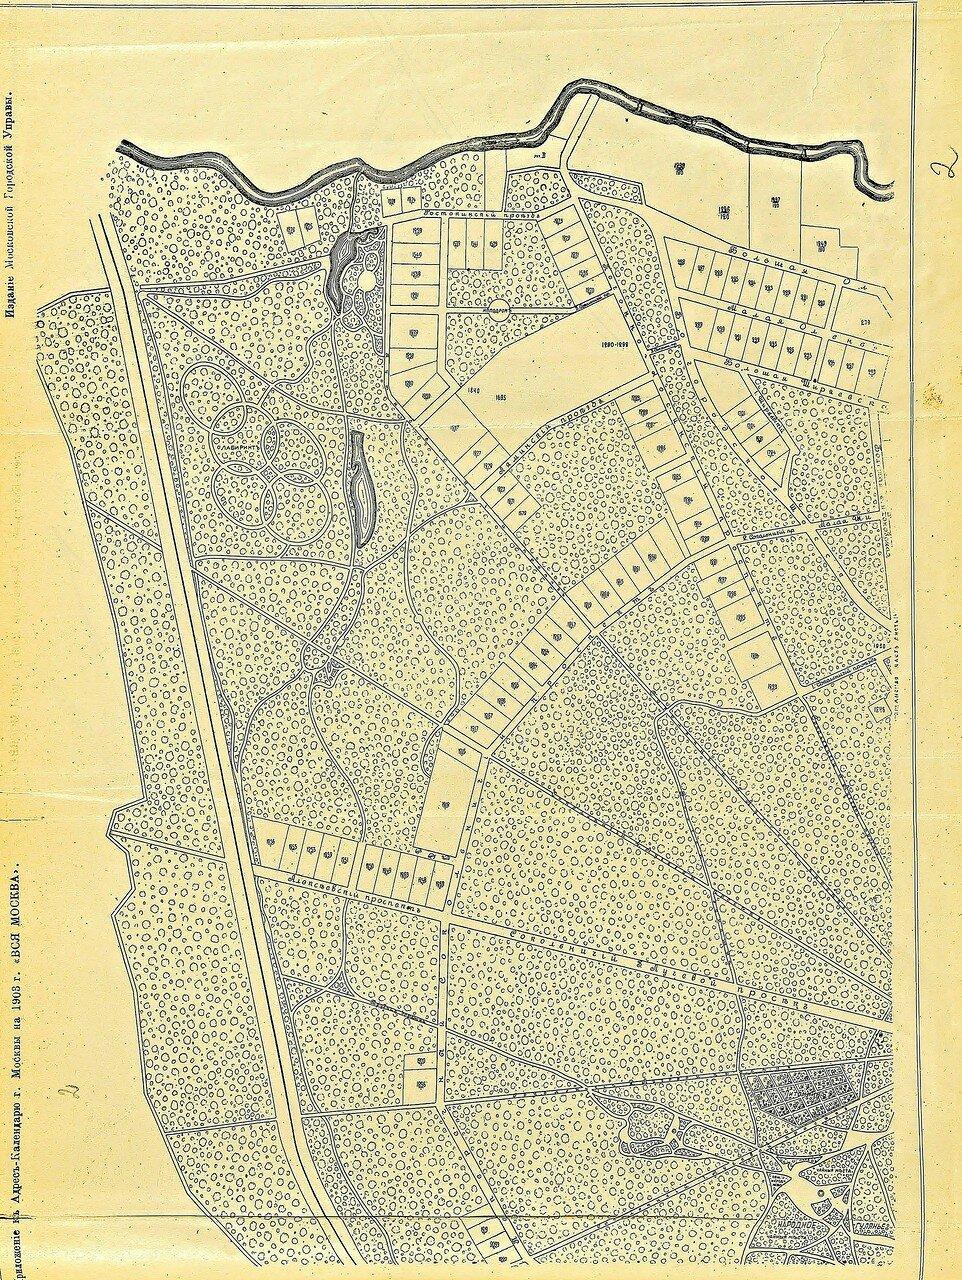 02. План Мещанской части города Москвы